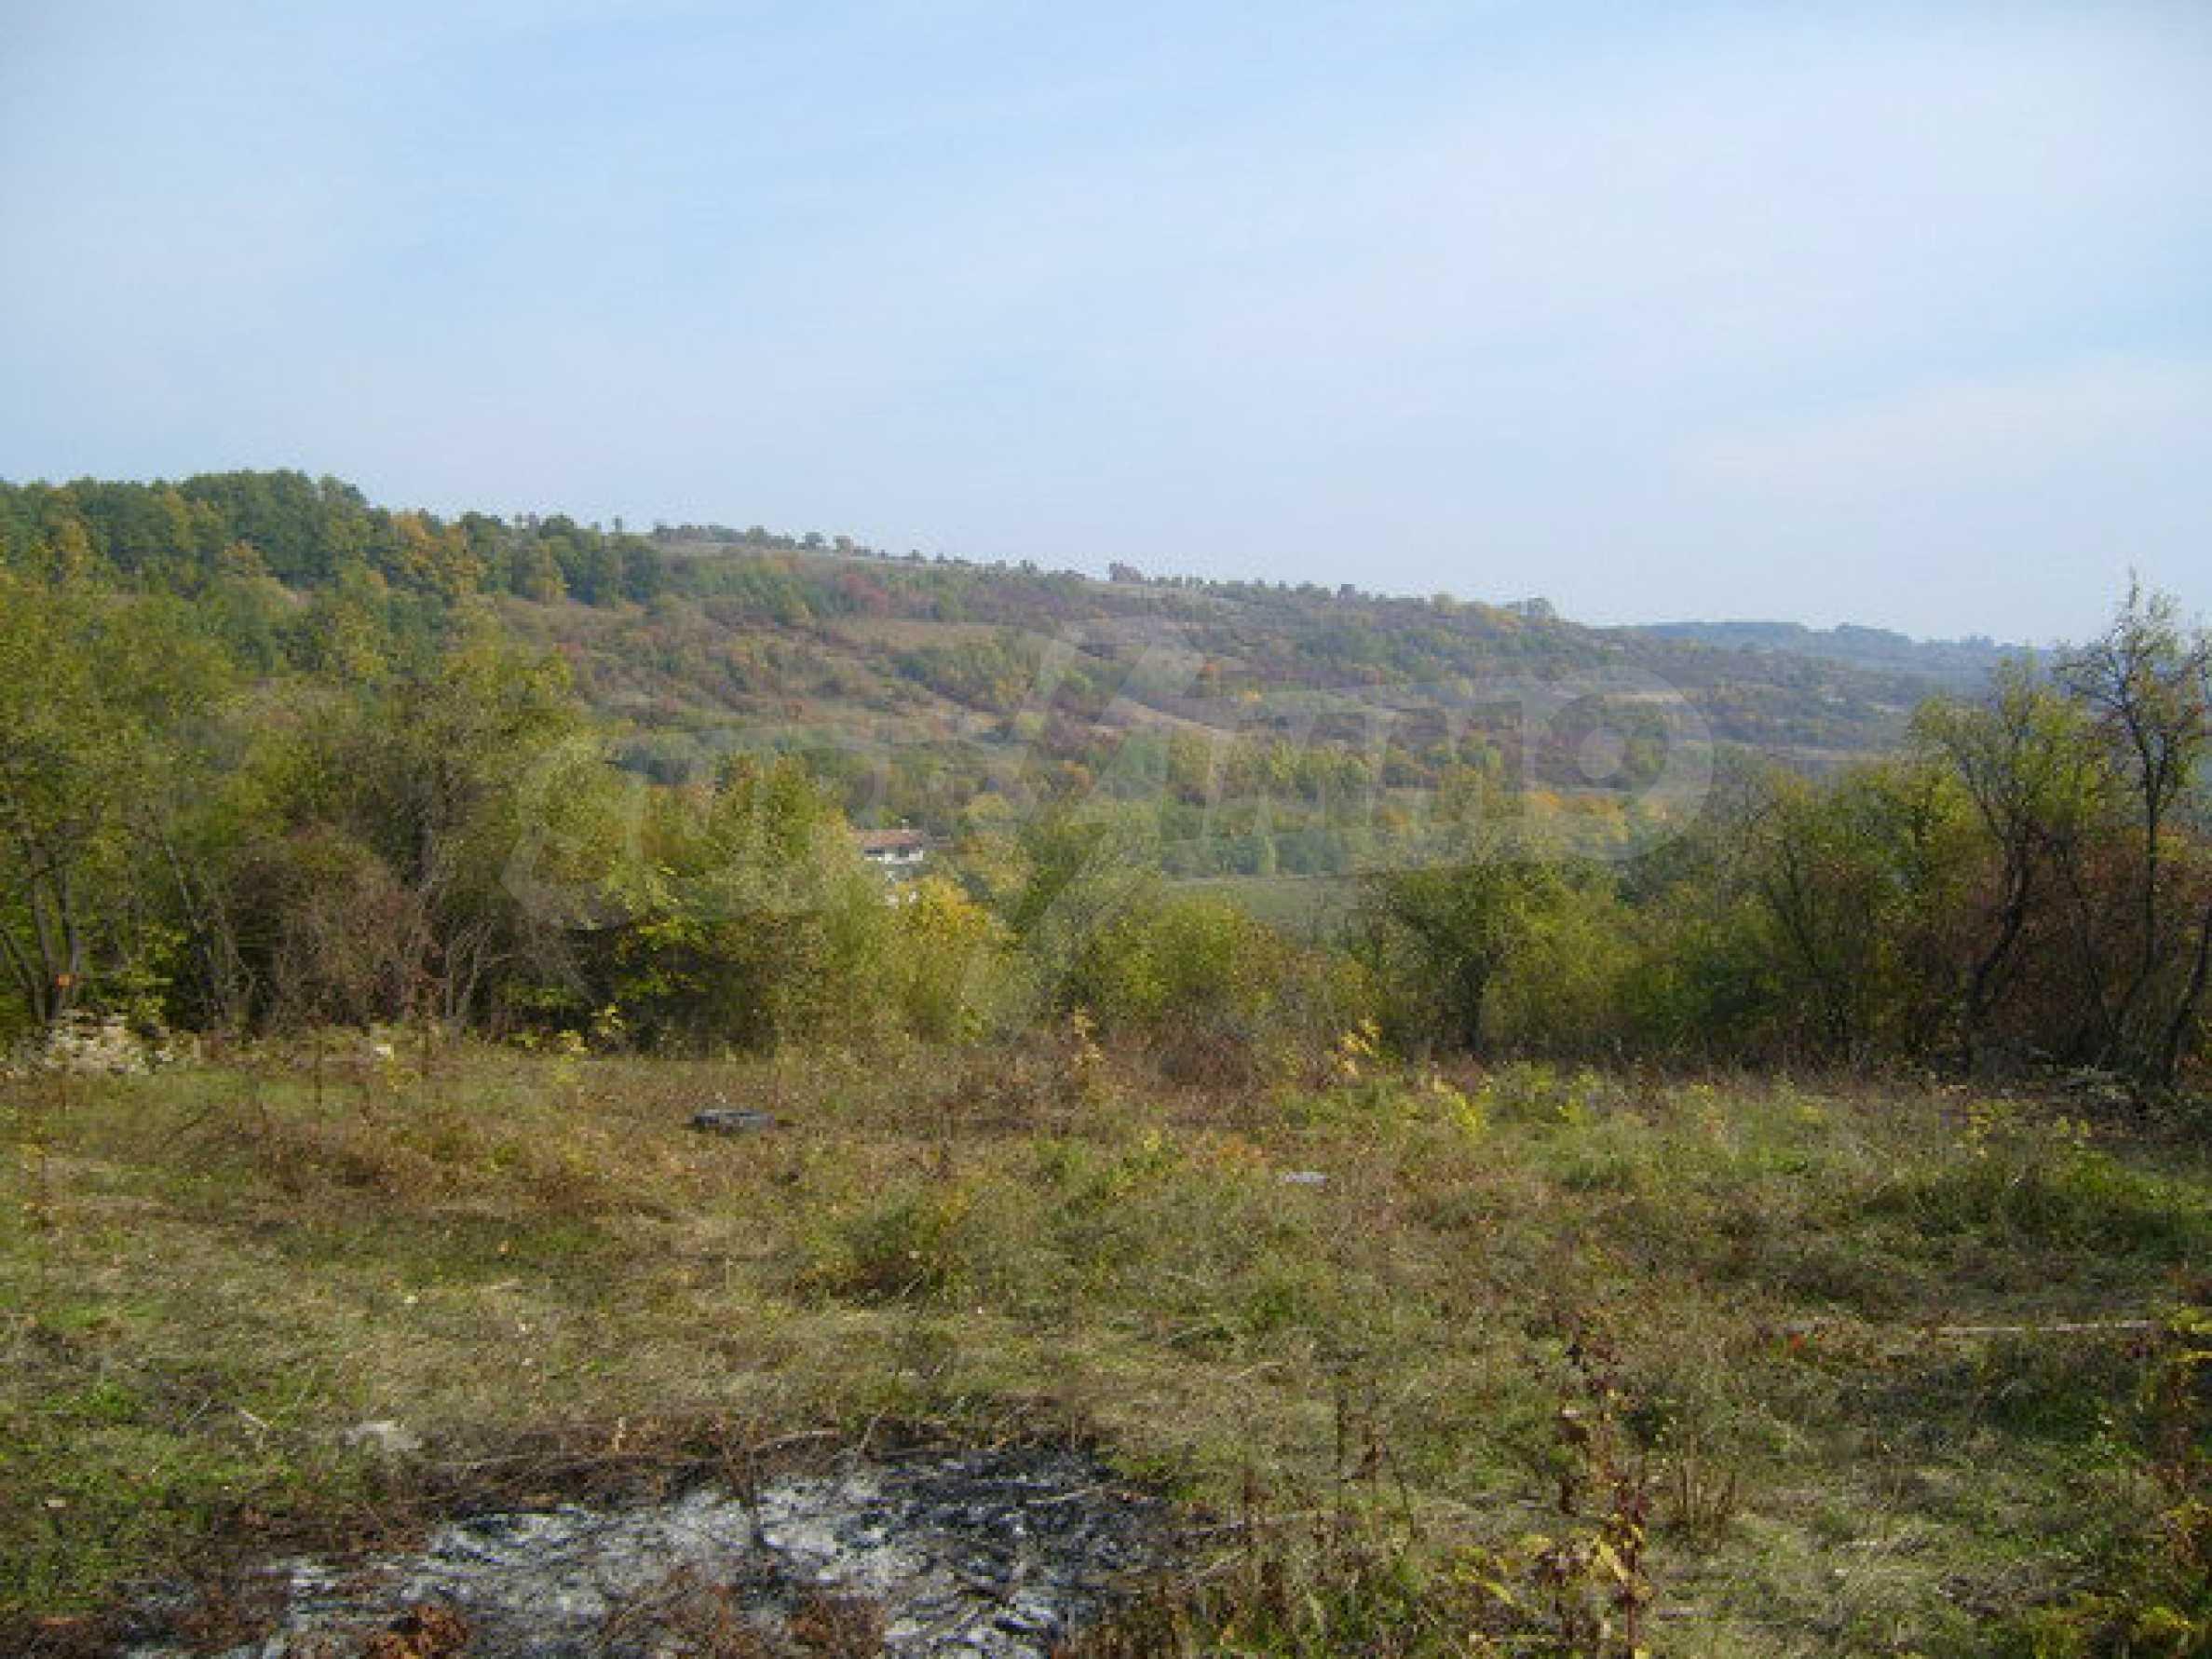 Земельный участок в деревне с красивым пейзажем 8